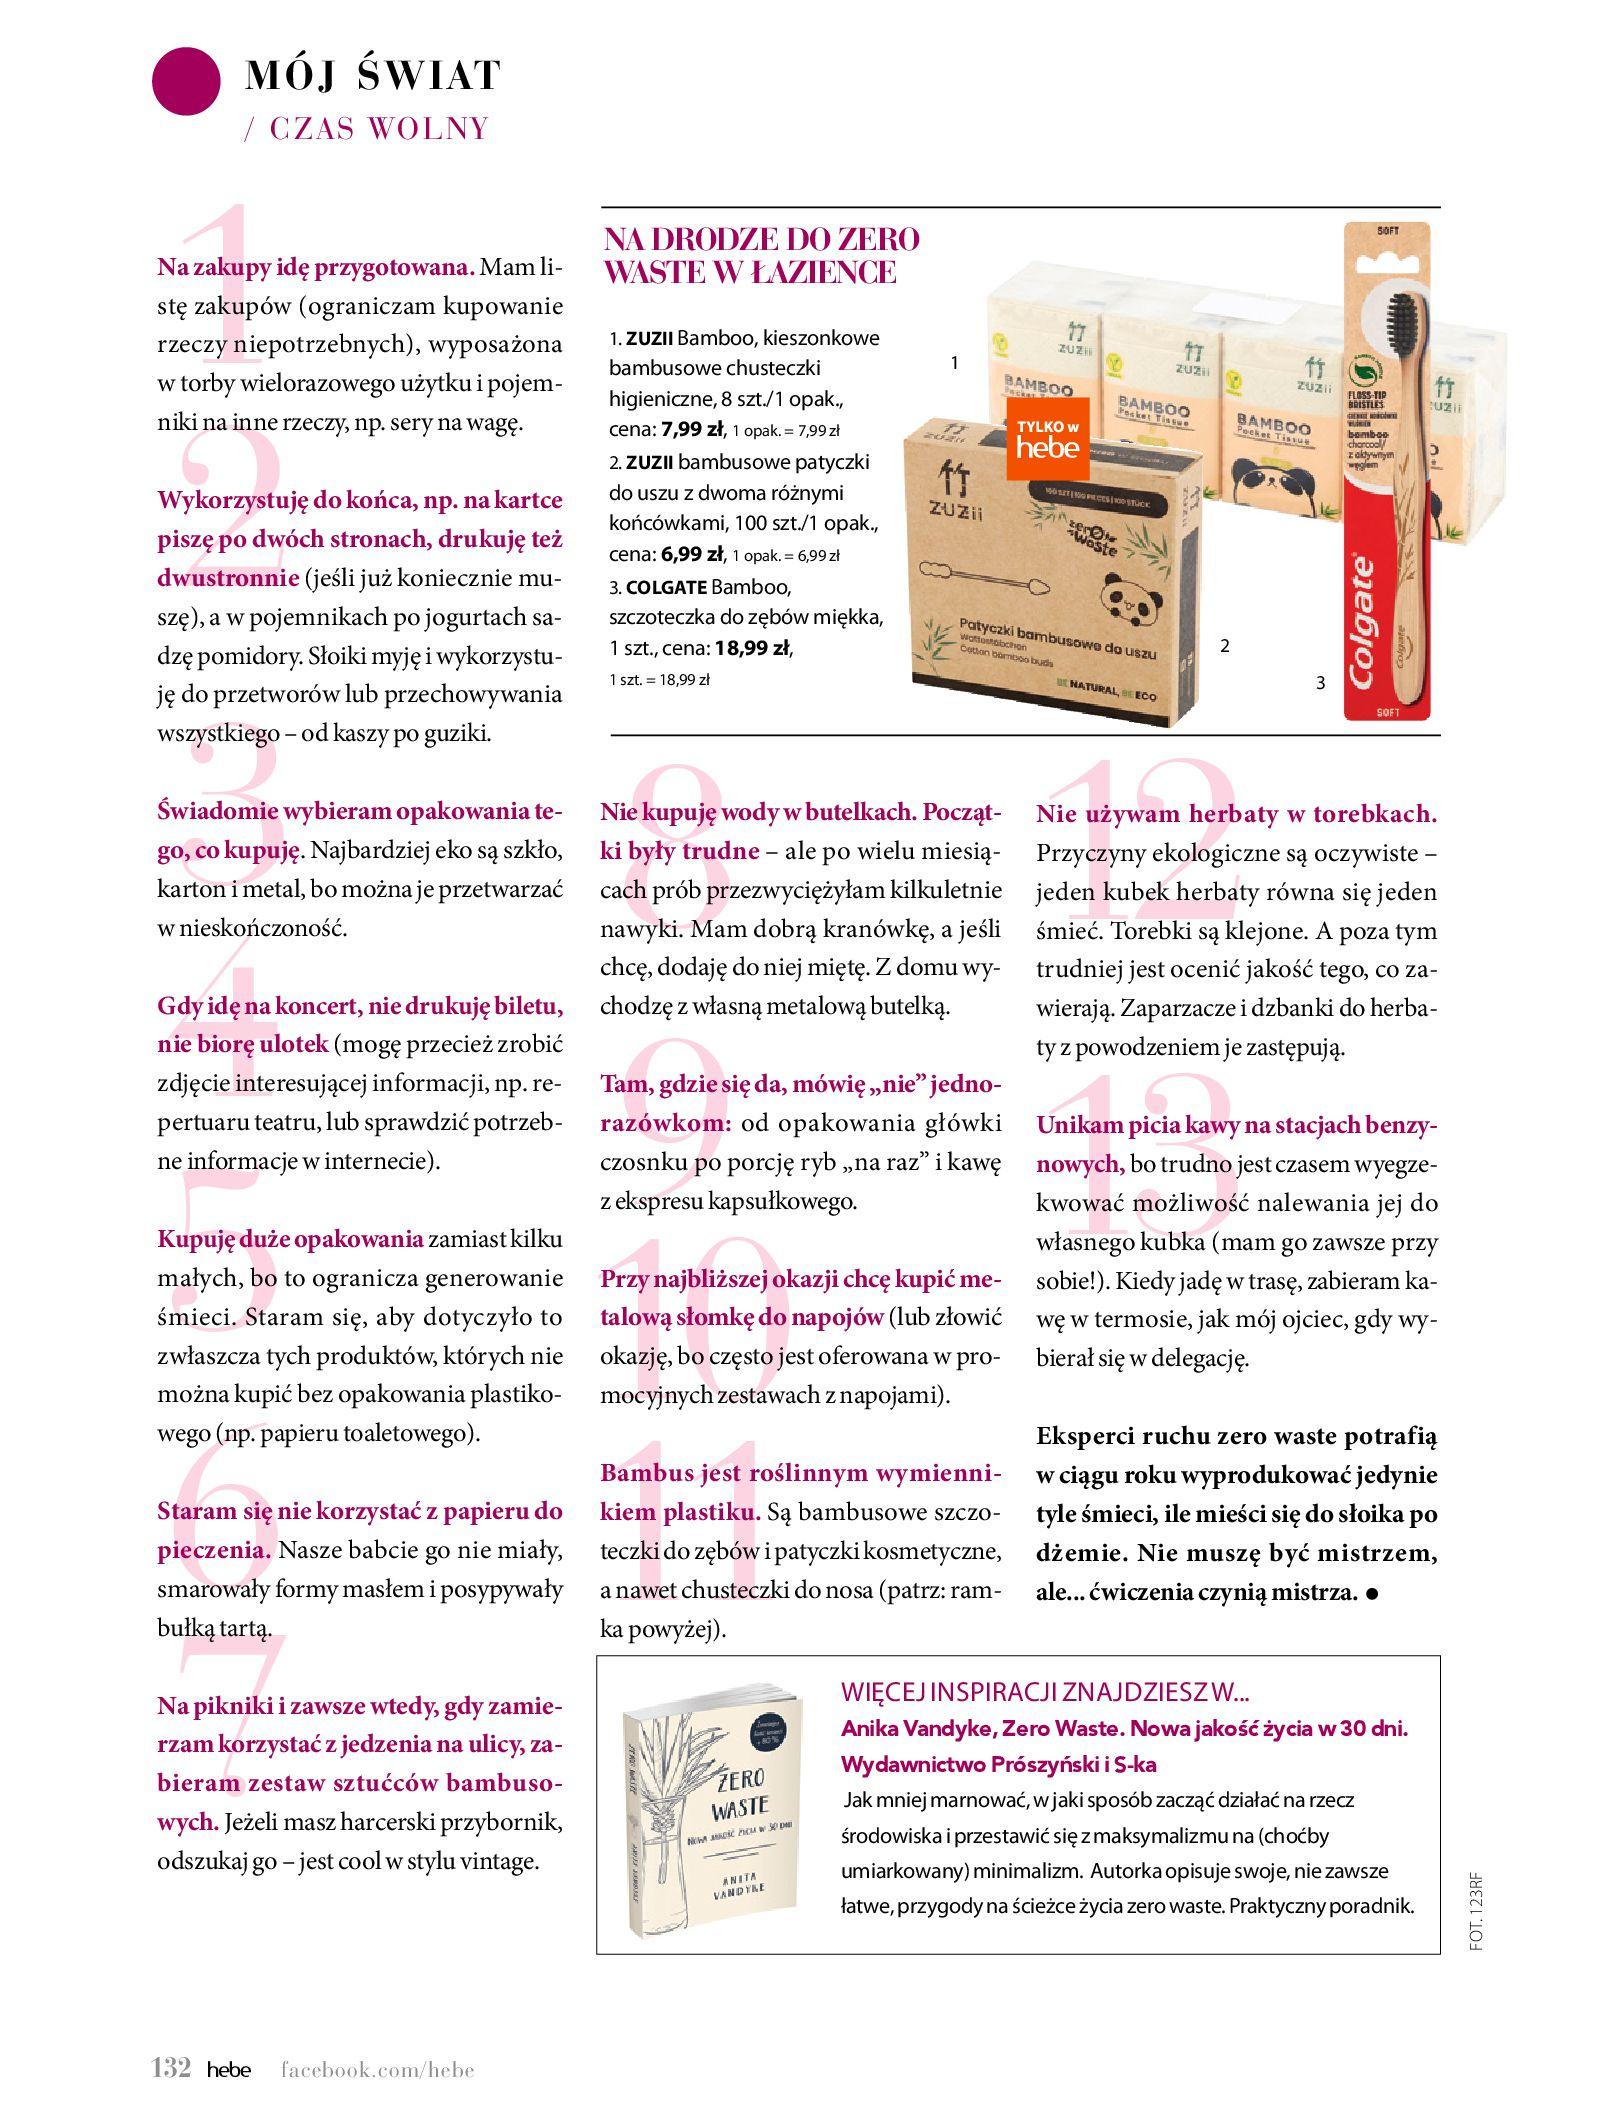 Gazetka hebe - Magazyn Hebe-30.06.2020-31.08.2020-page-132